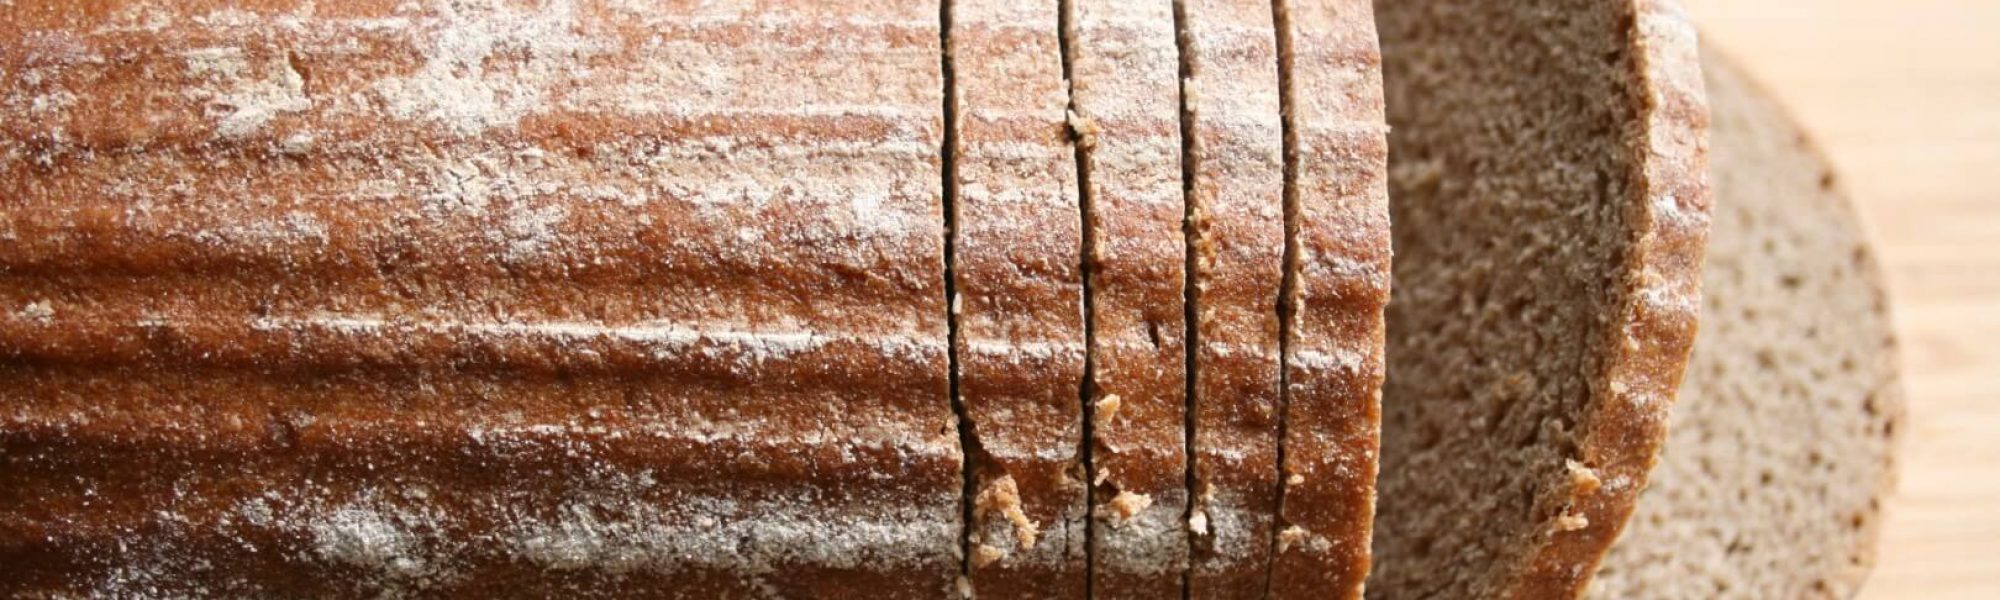 מתכון ללחם השיפון מוכן ופרוס